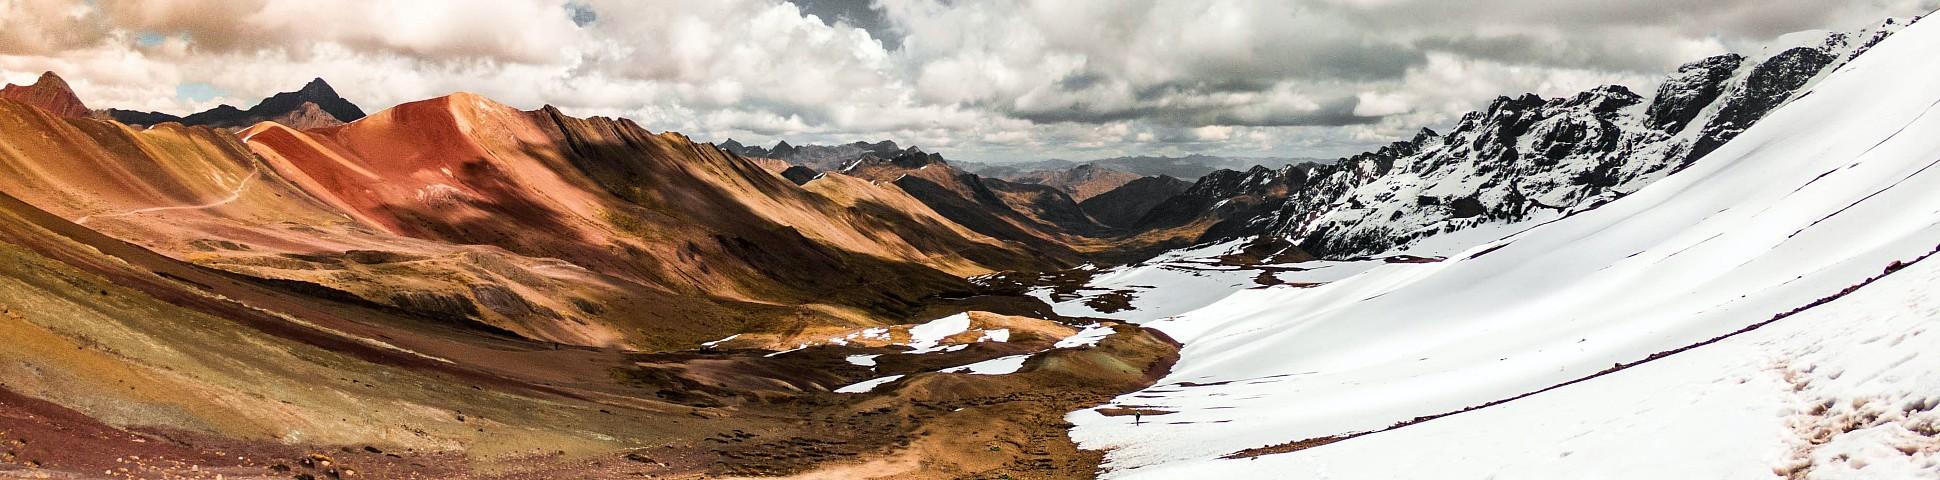 Ausagnate in Peru